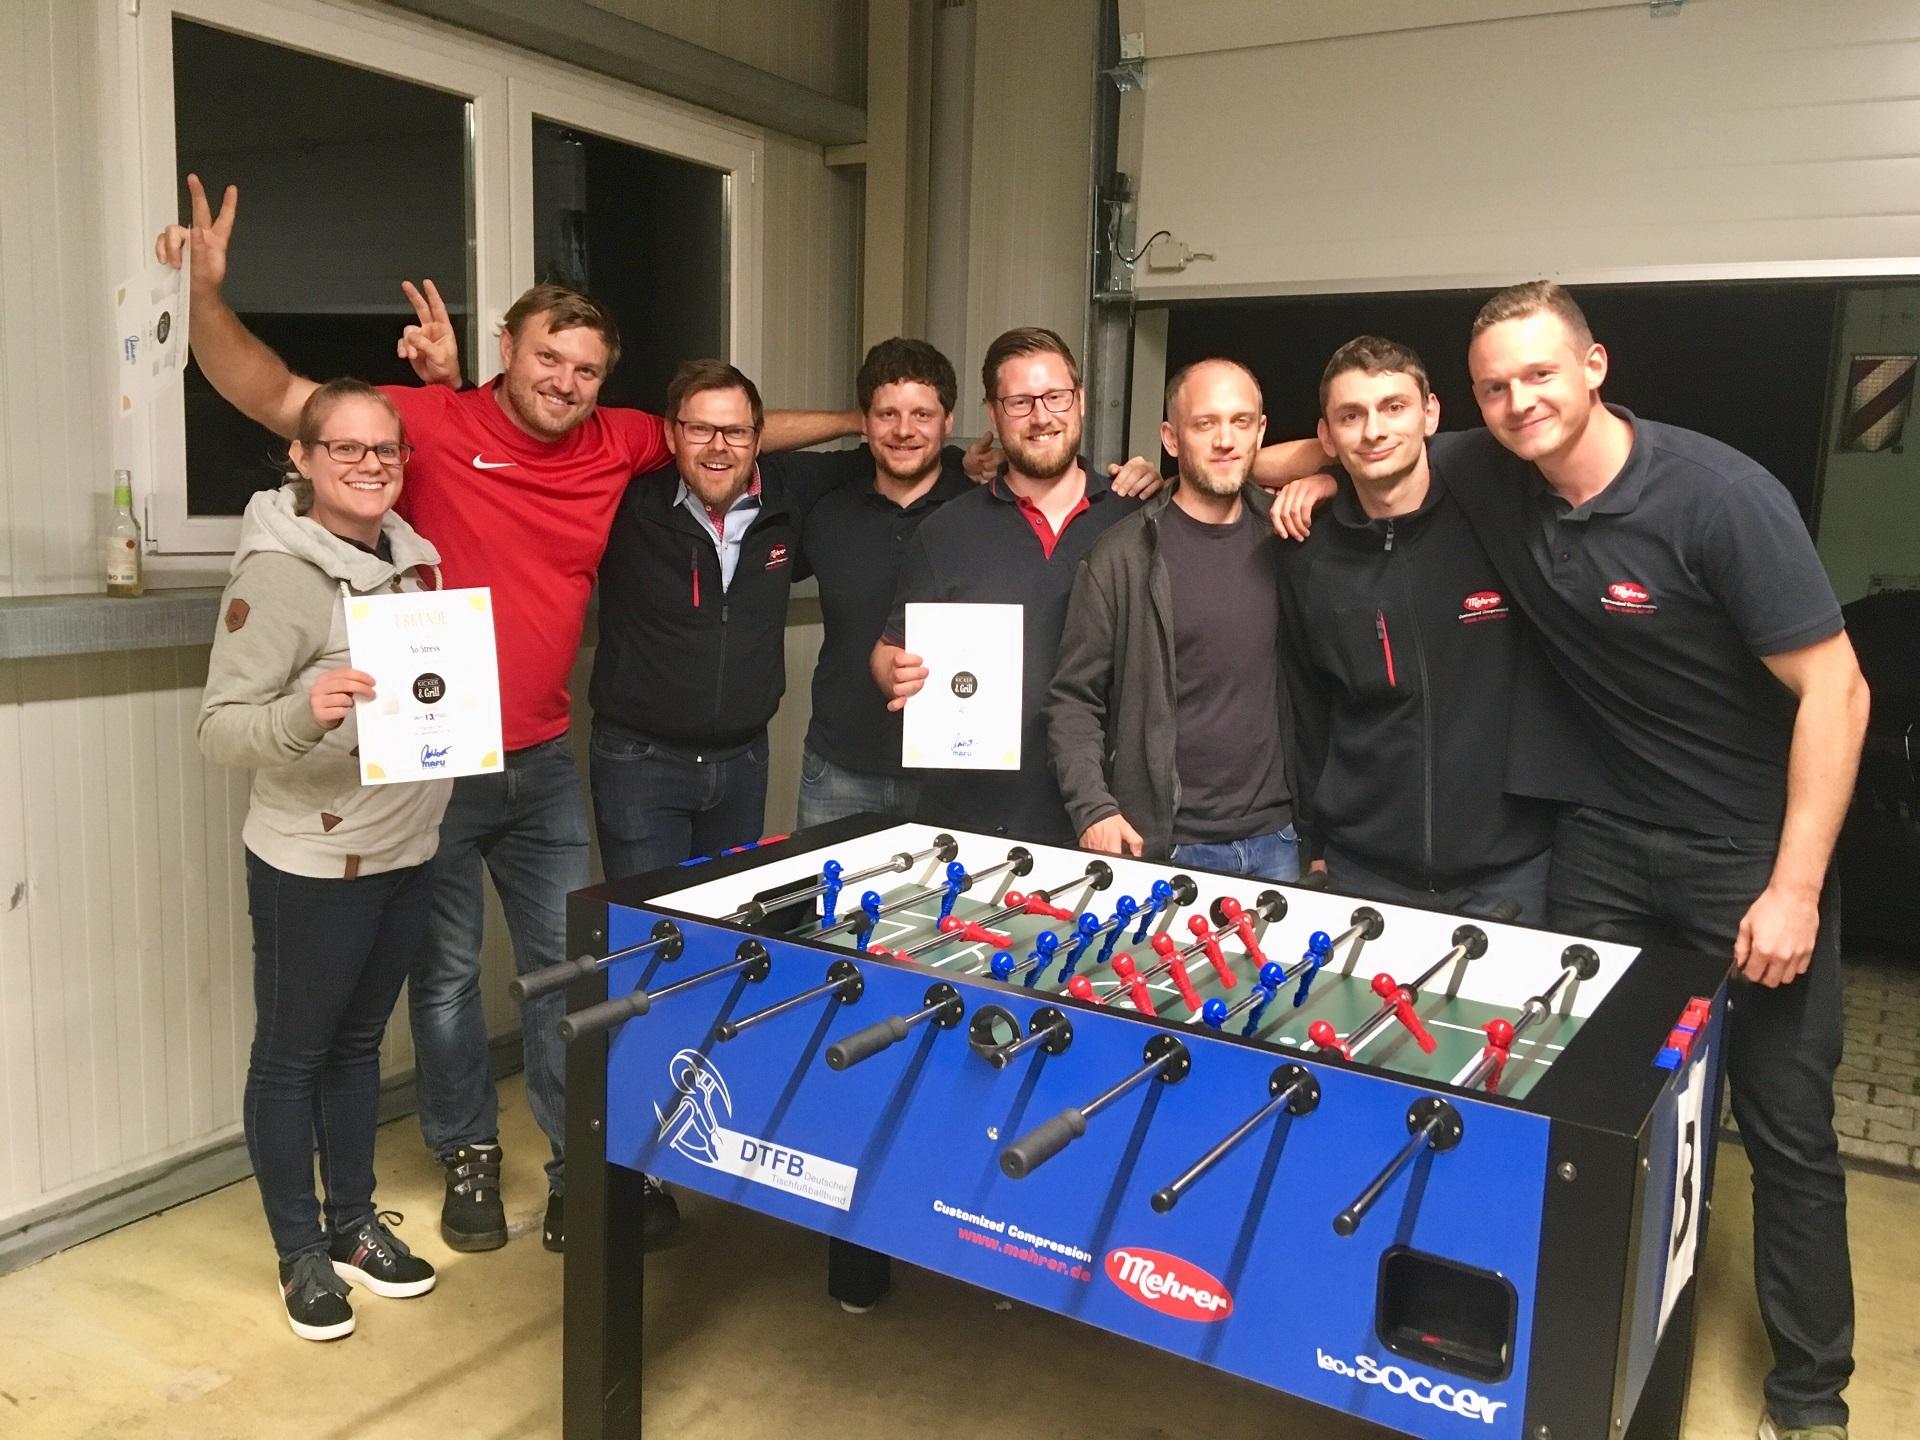 Групповой снимок сотрудников на турнире по настольному футболу компании Balingen